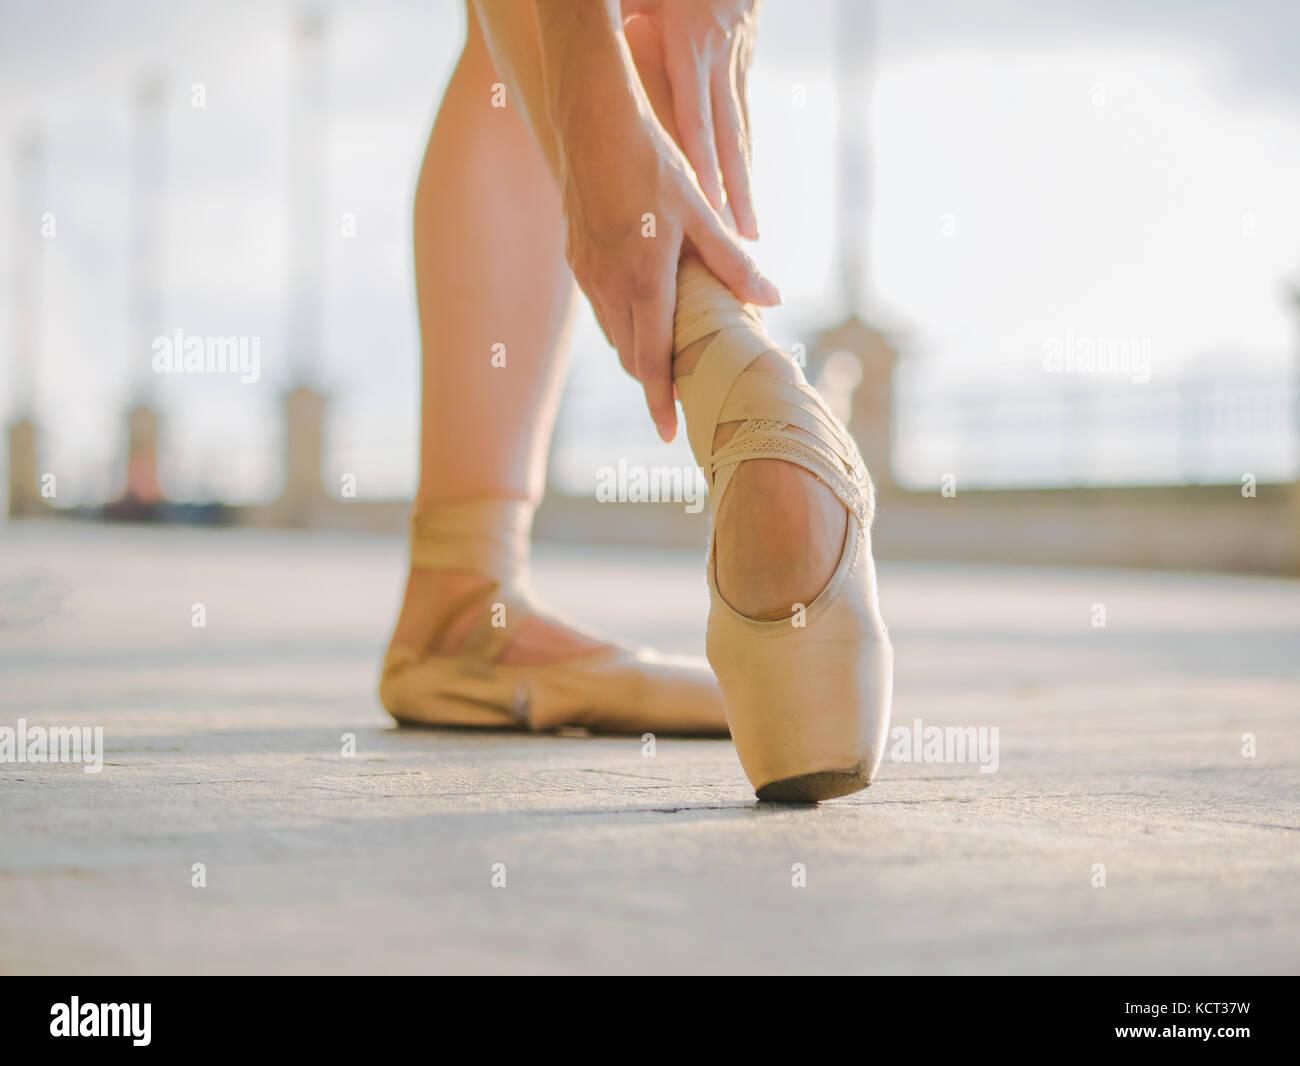 Nahaufnahme der Füße ist ein Tänzer, wie sie Praktiken Übungen auf dem Stein Damm pointe. Woman's Füße in Pointe Stockfoto